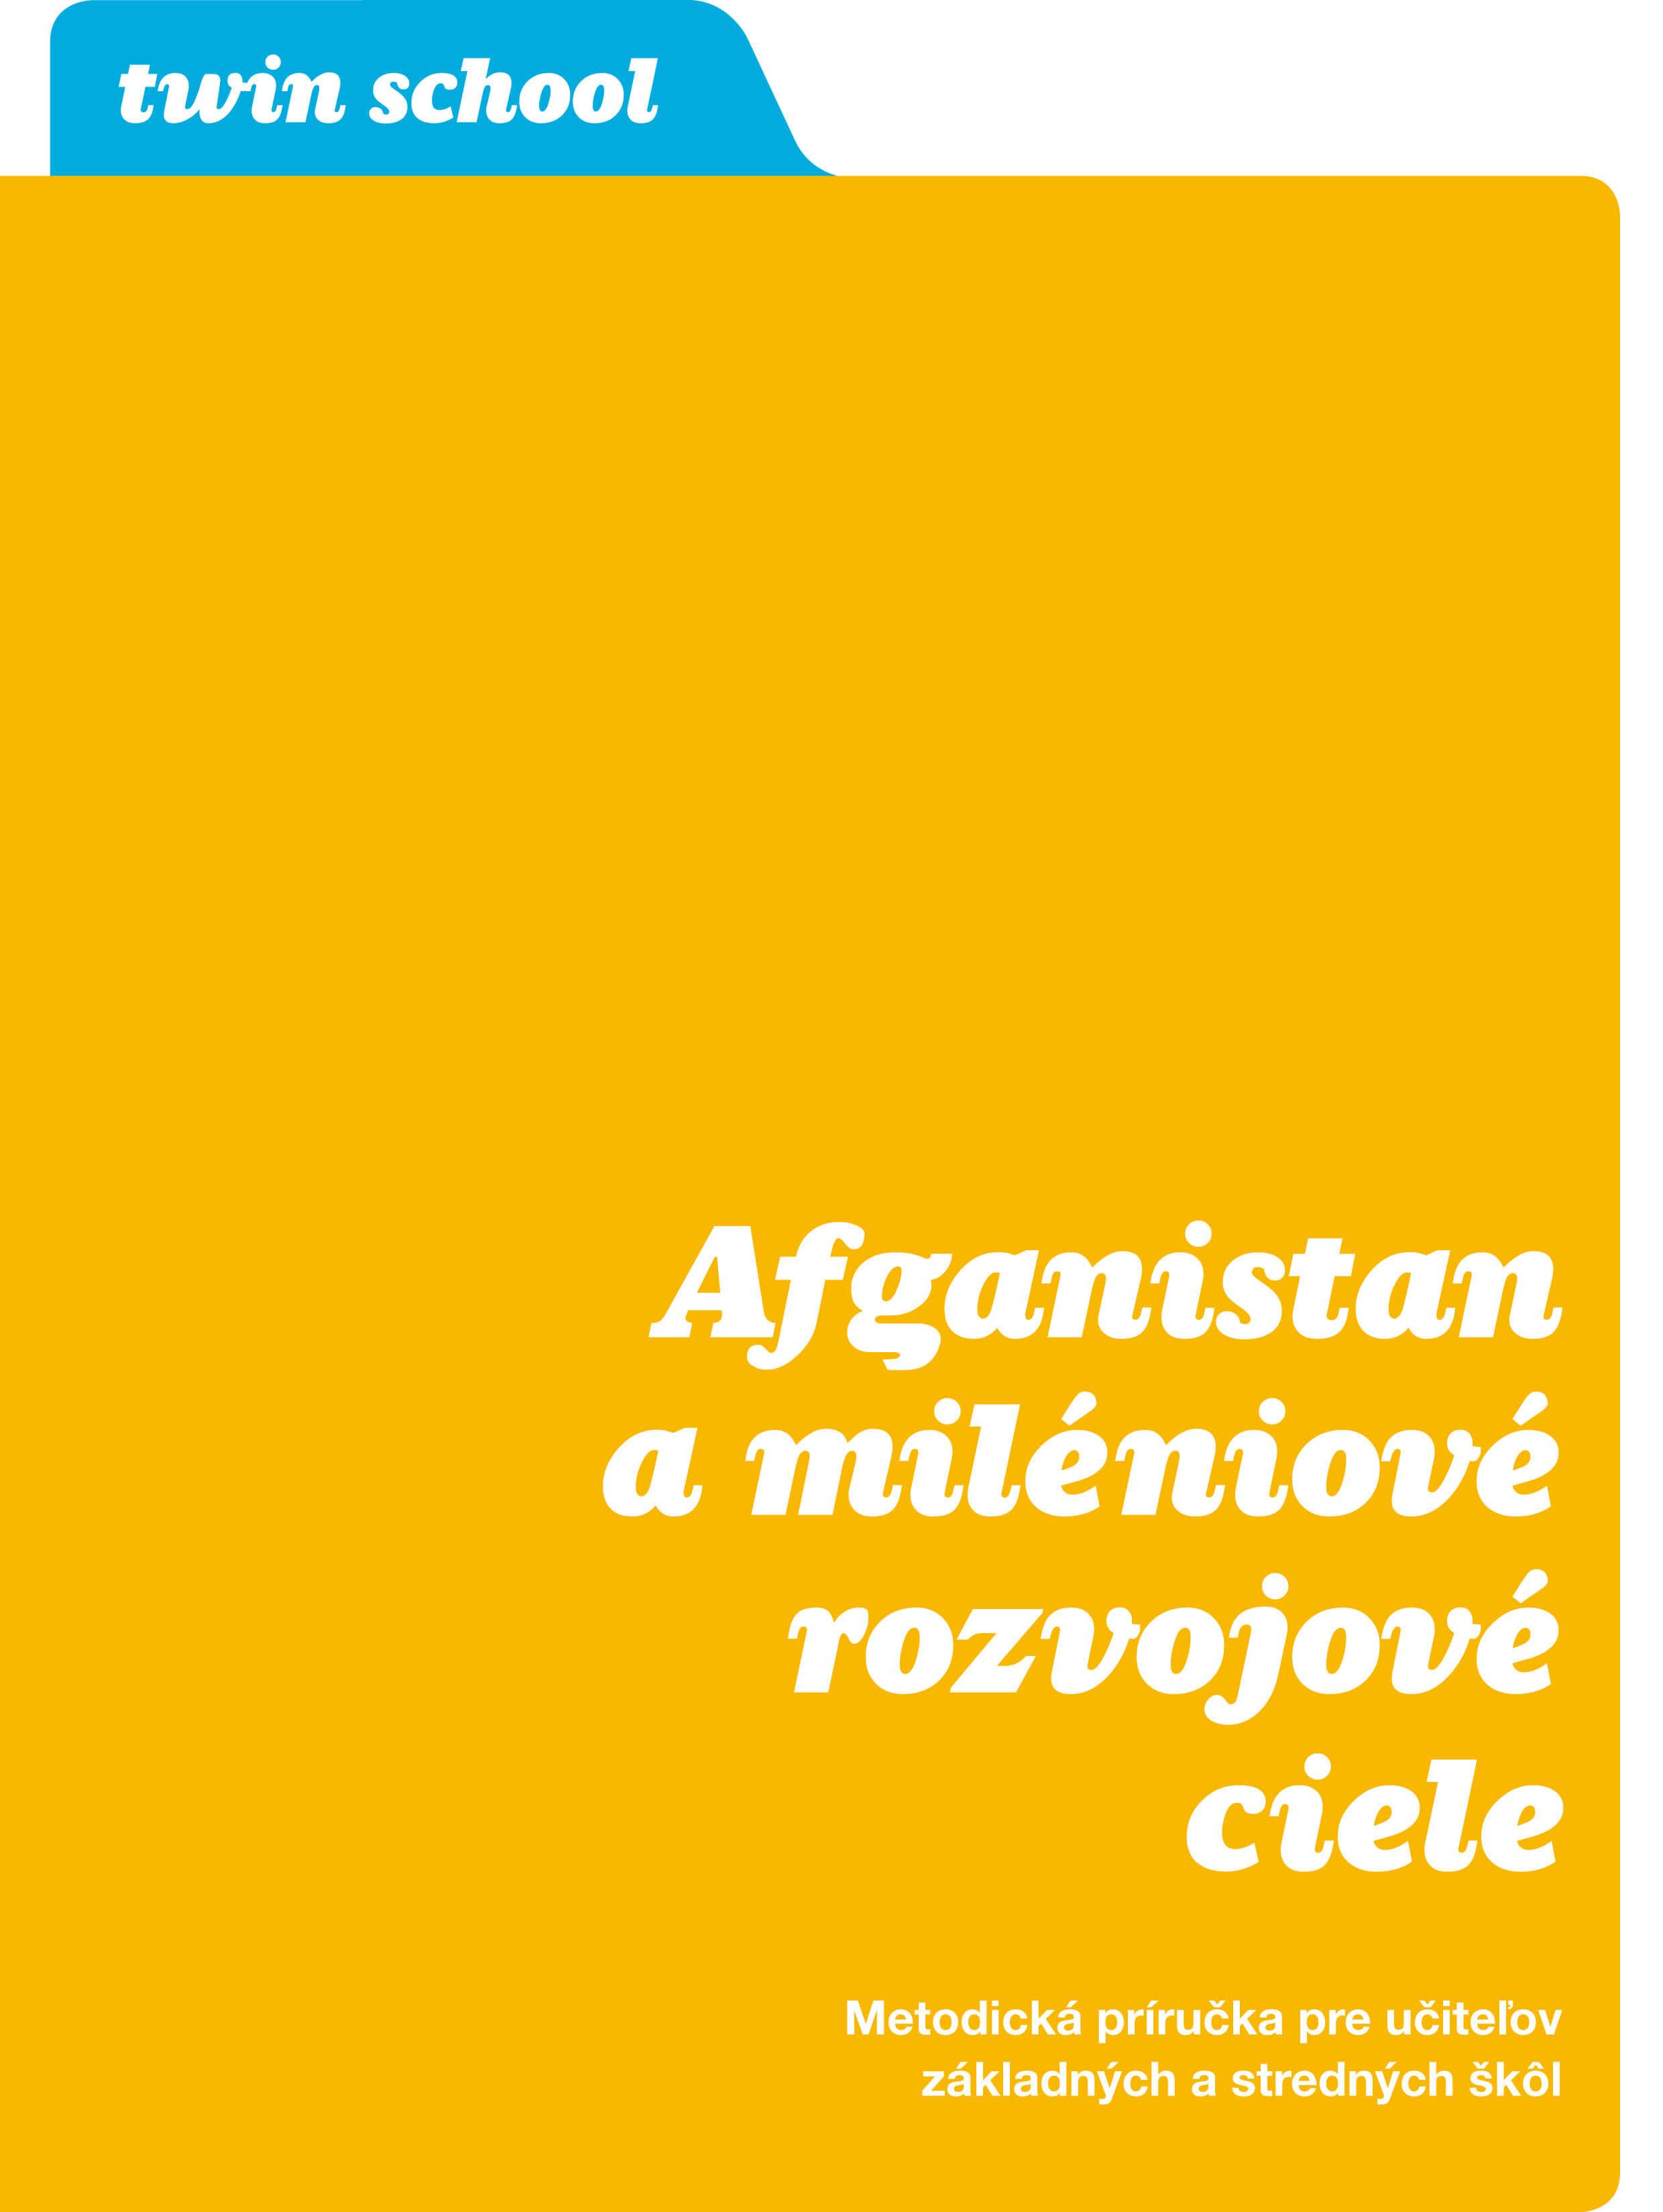 CVO afganska prirucka_obalka